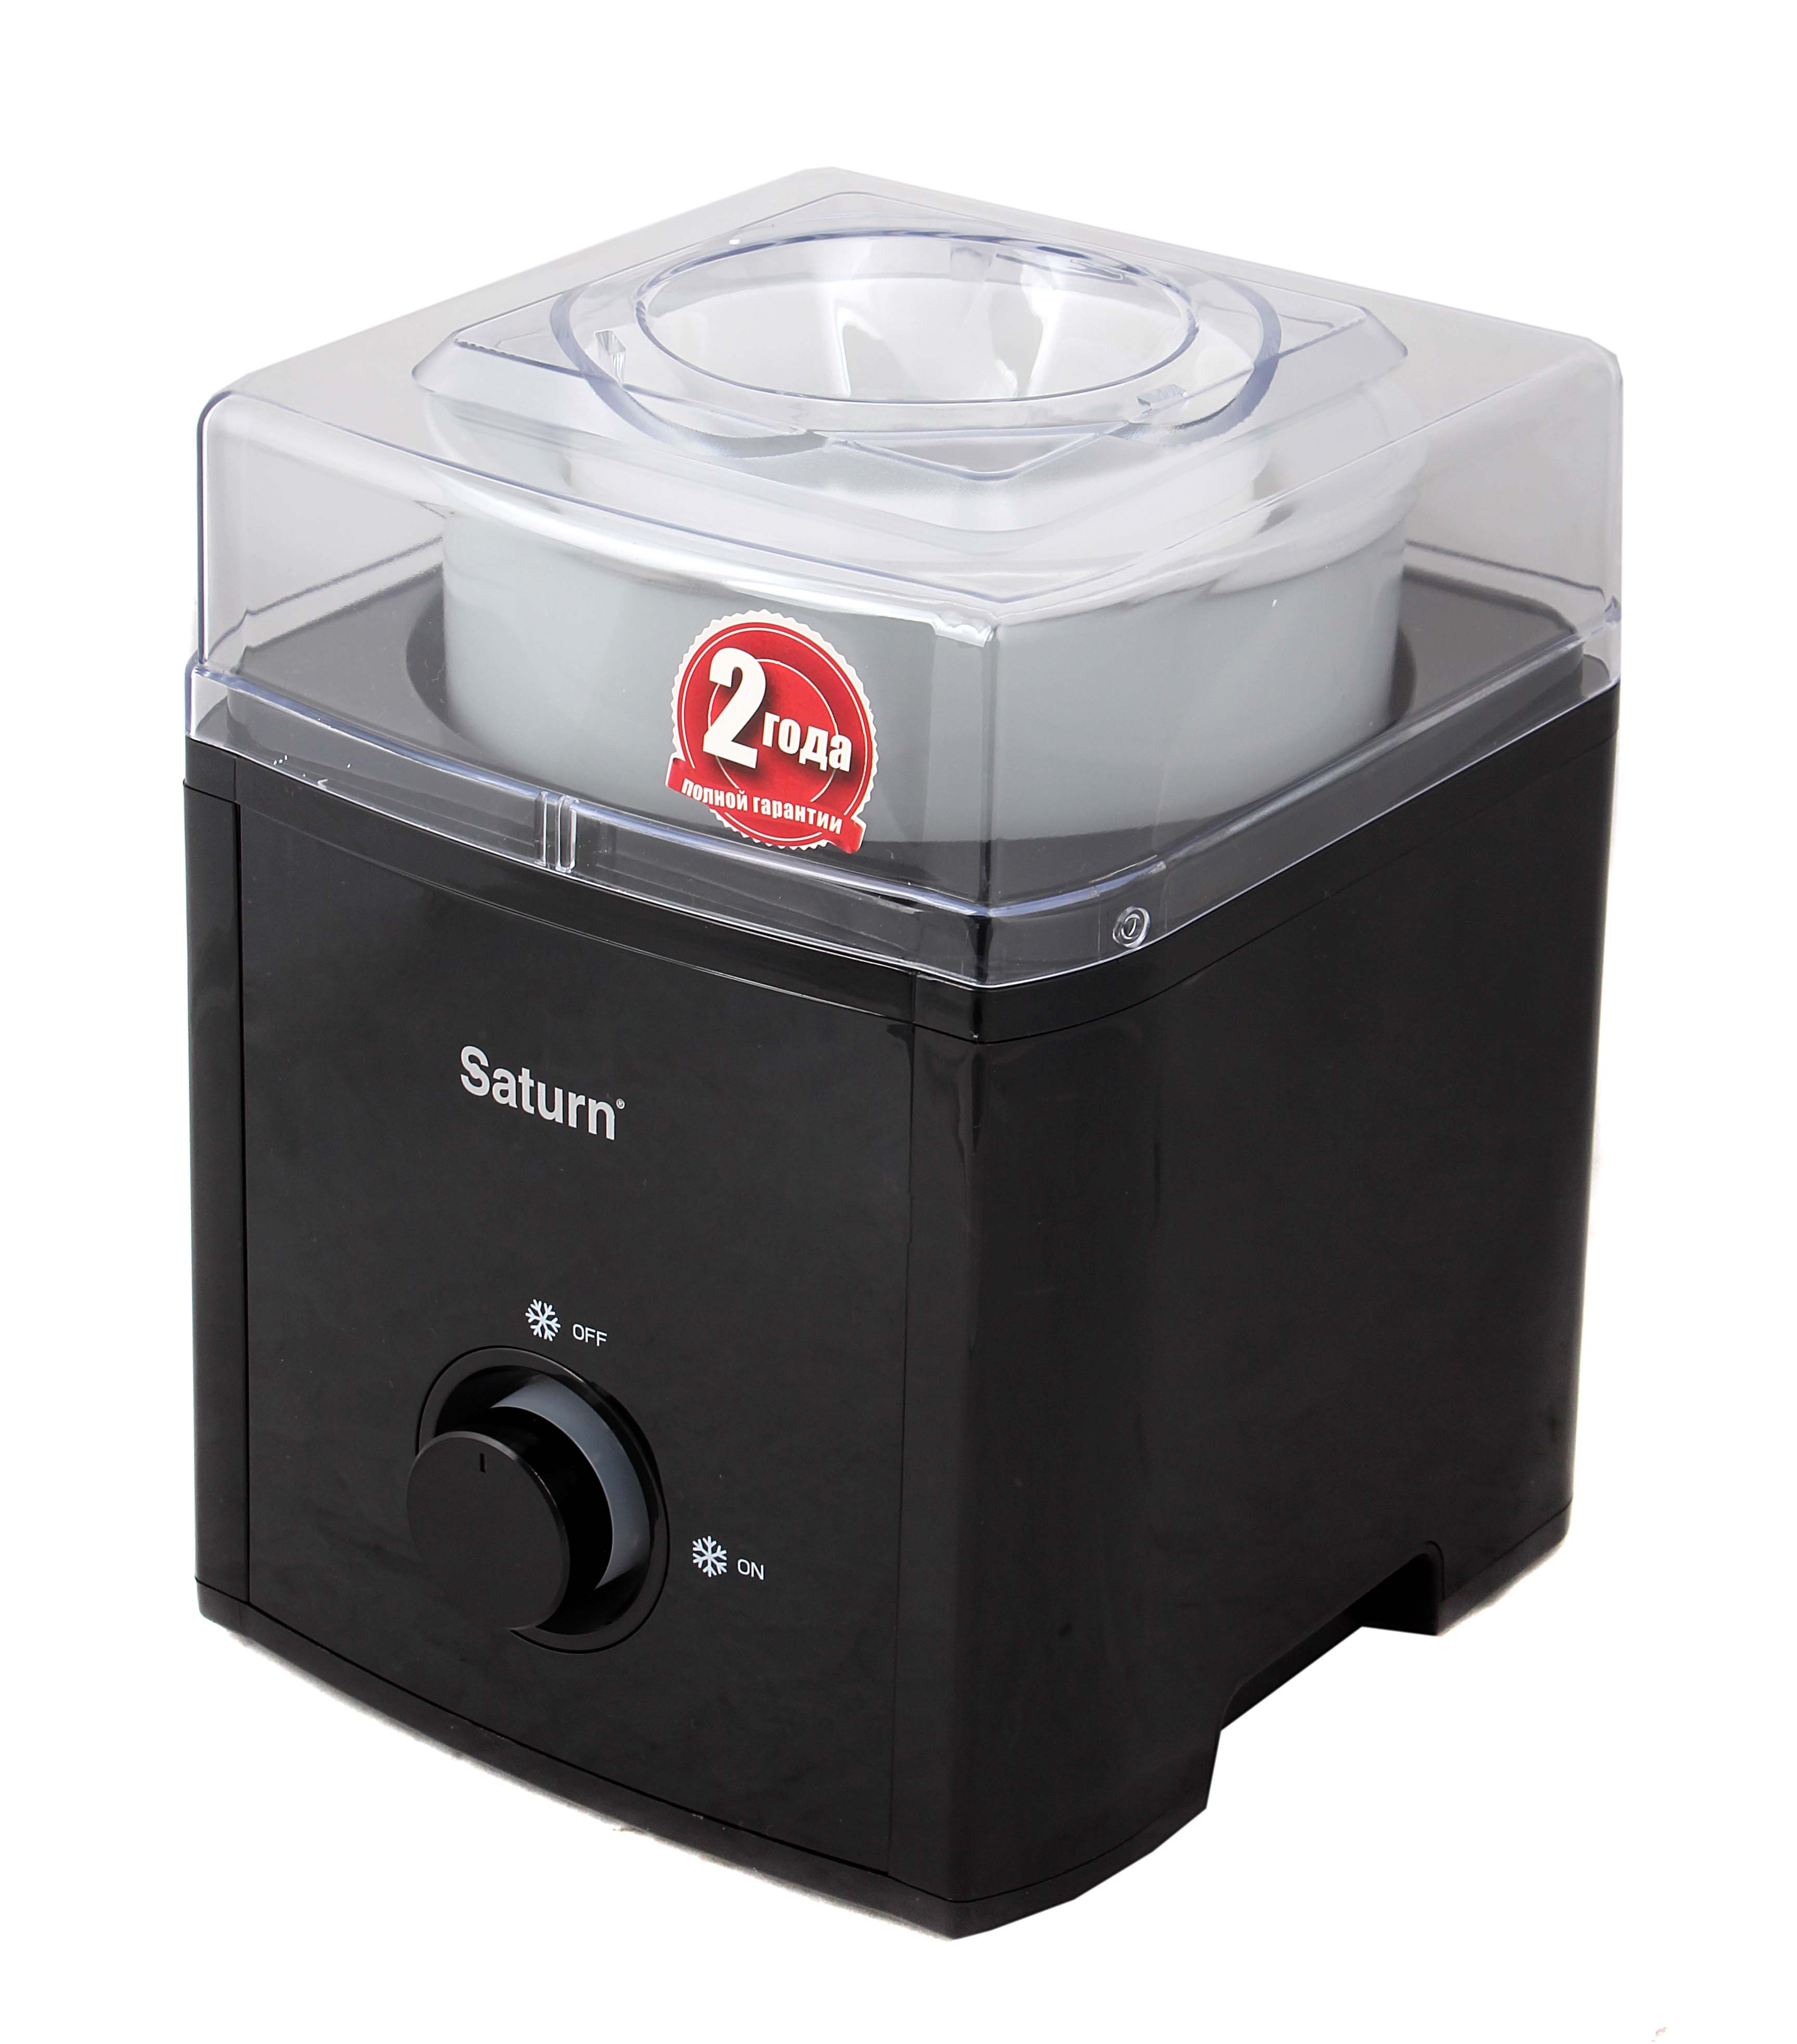 Йогуртницы Saturn Real Brand Technics 2195.000